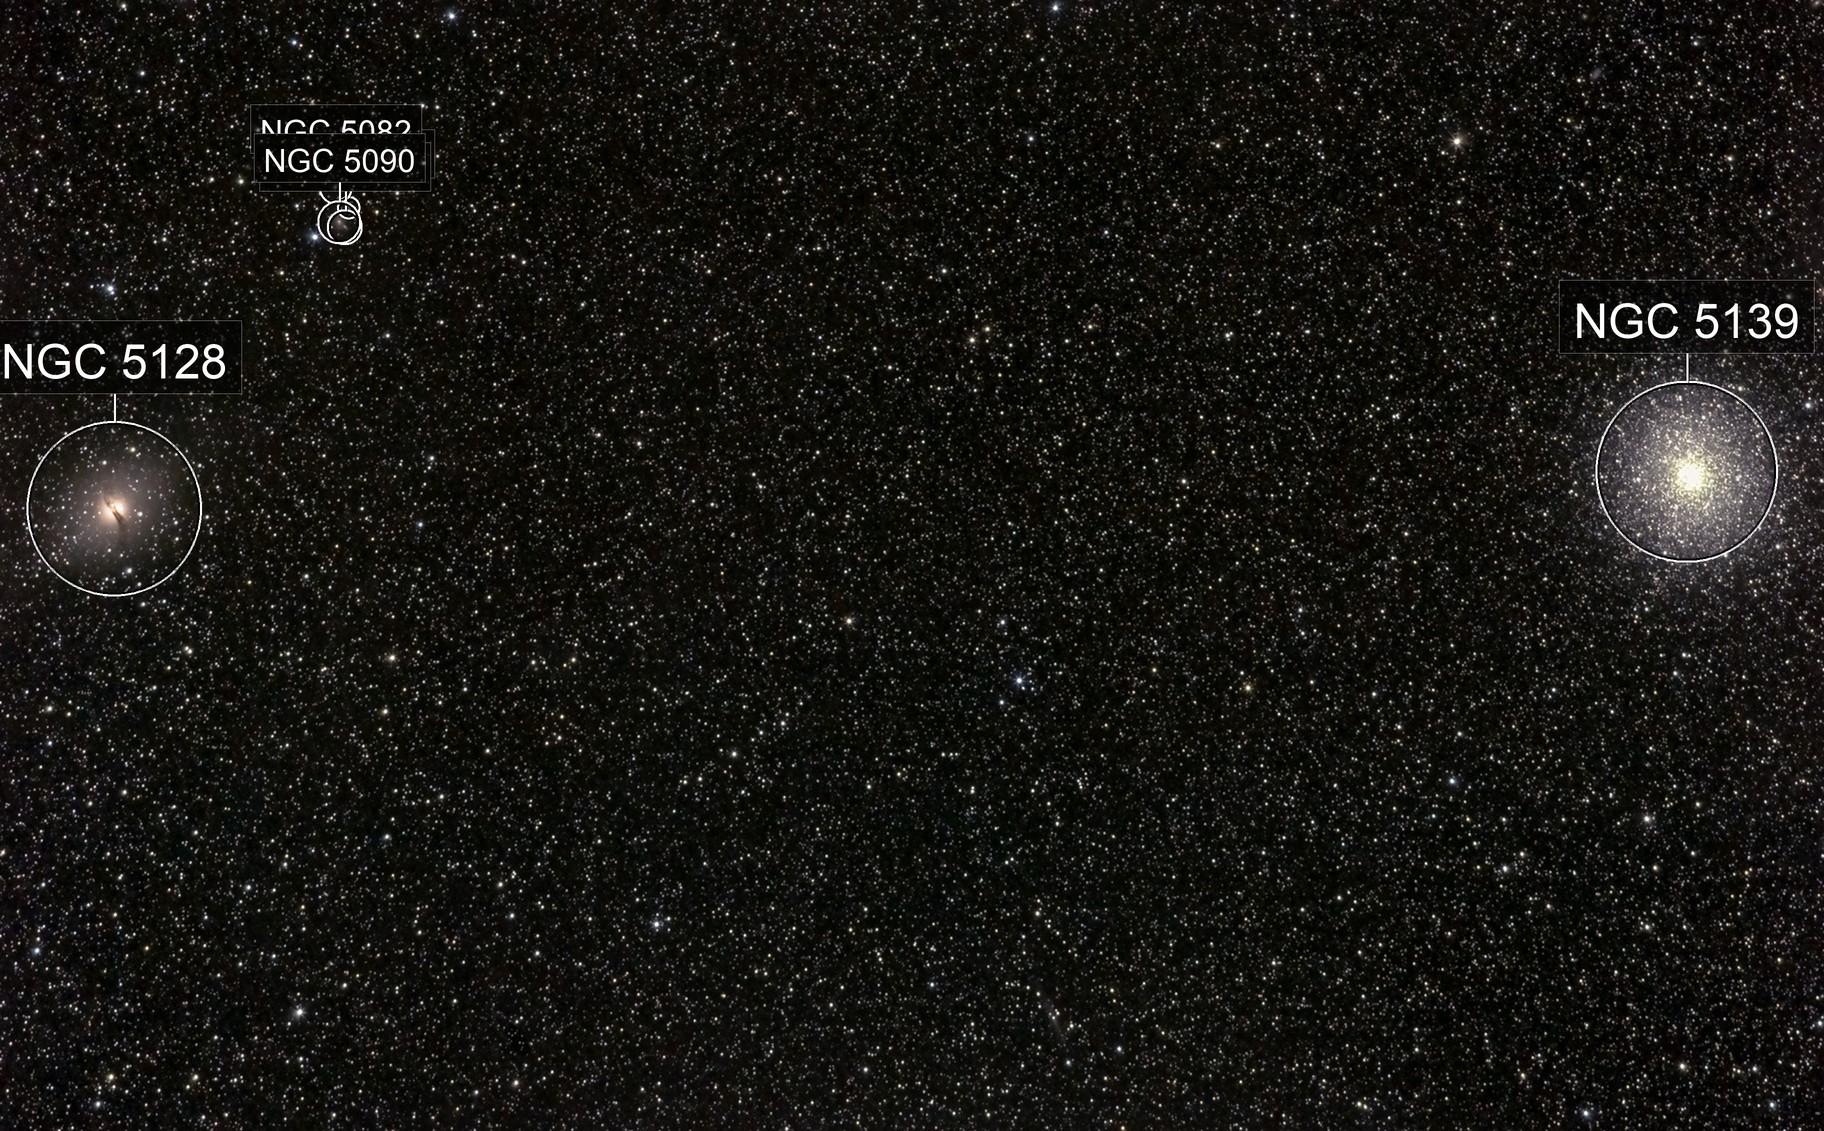 NGC 5128 & NGC 5139